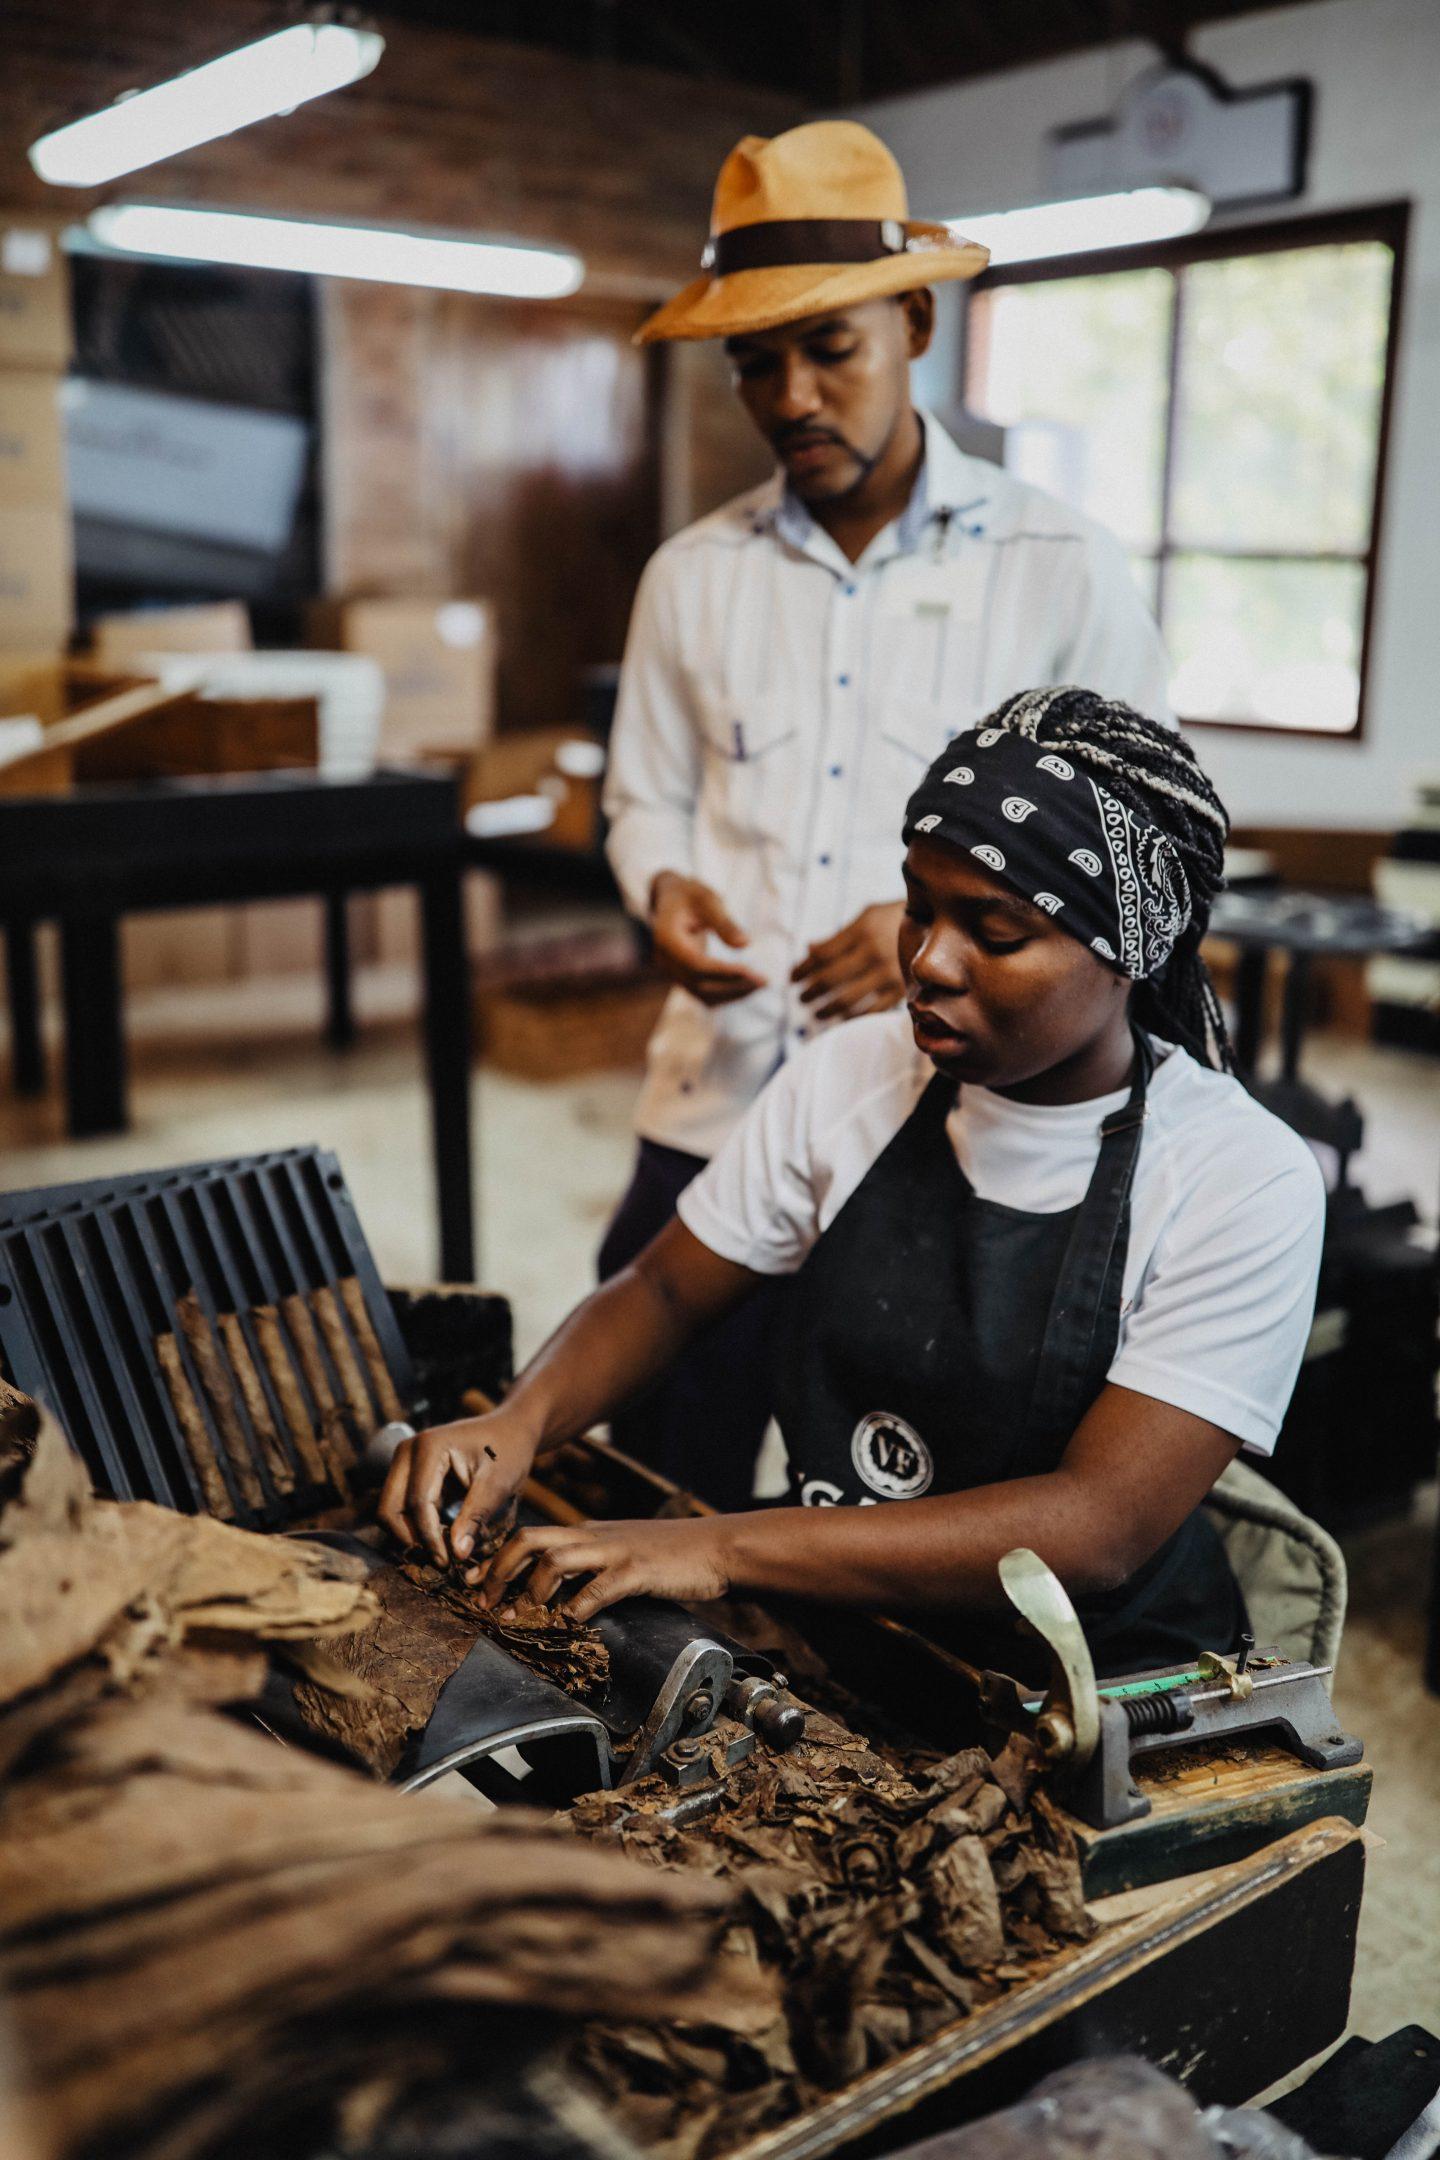 Fabrique de cigars République Dominicaine marie and mood lifestyle